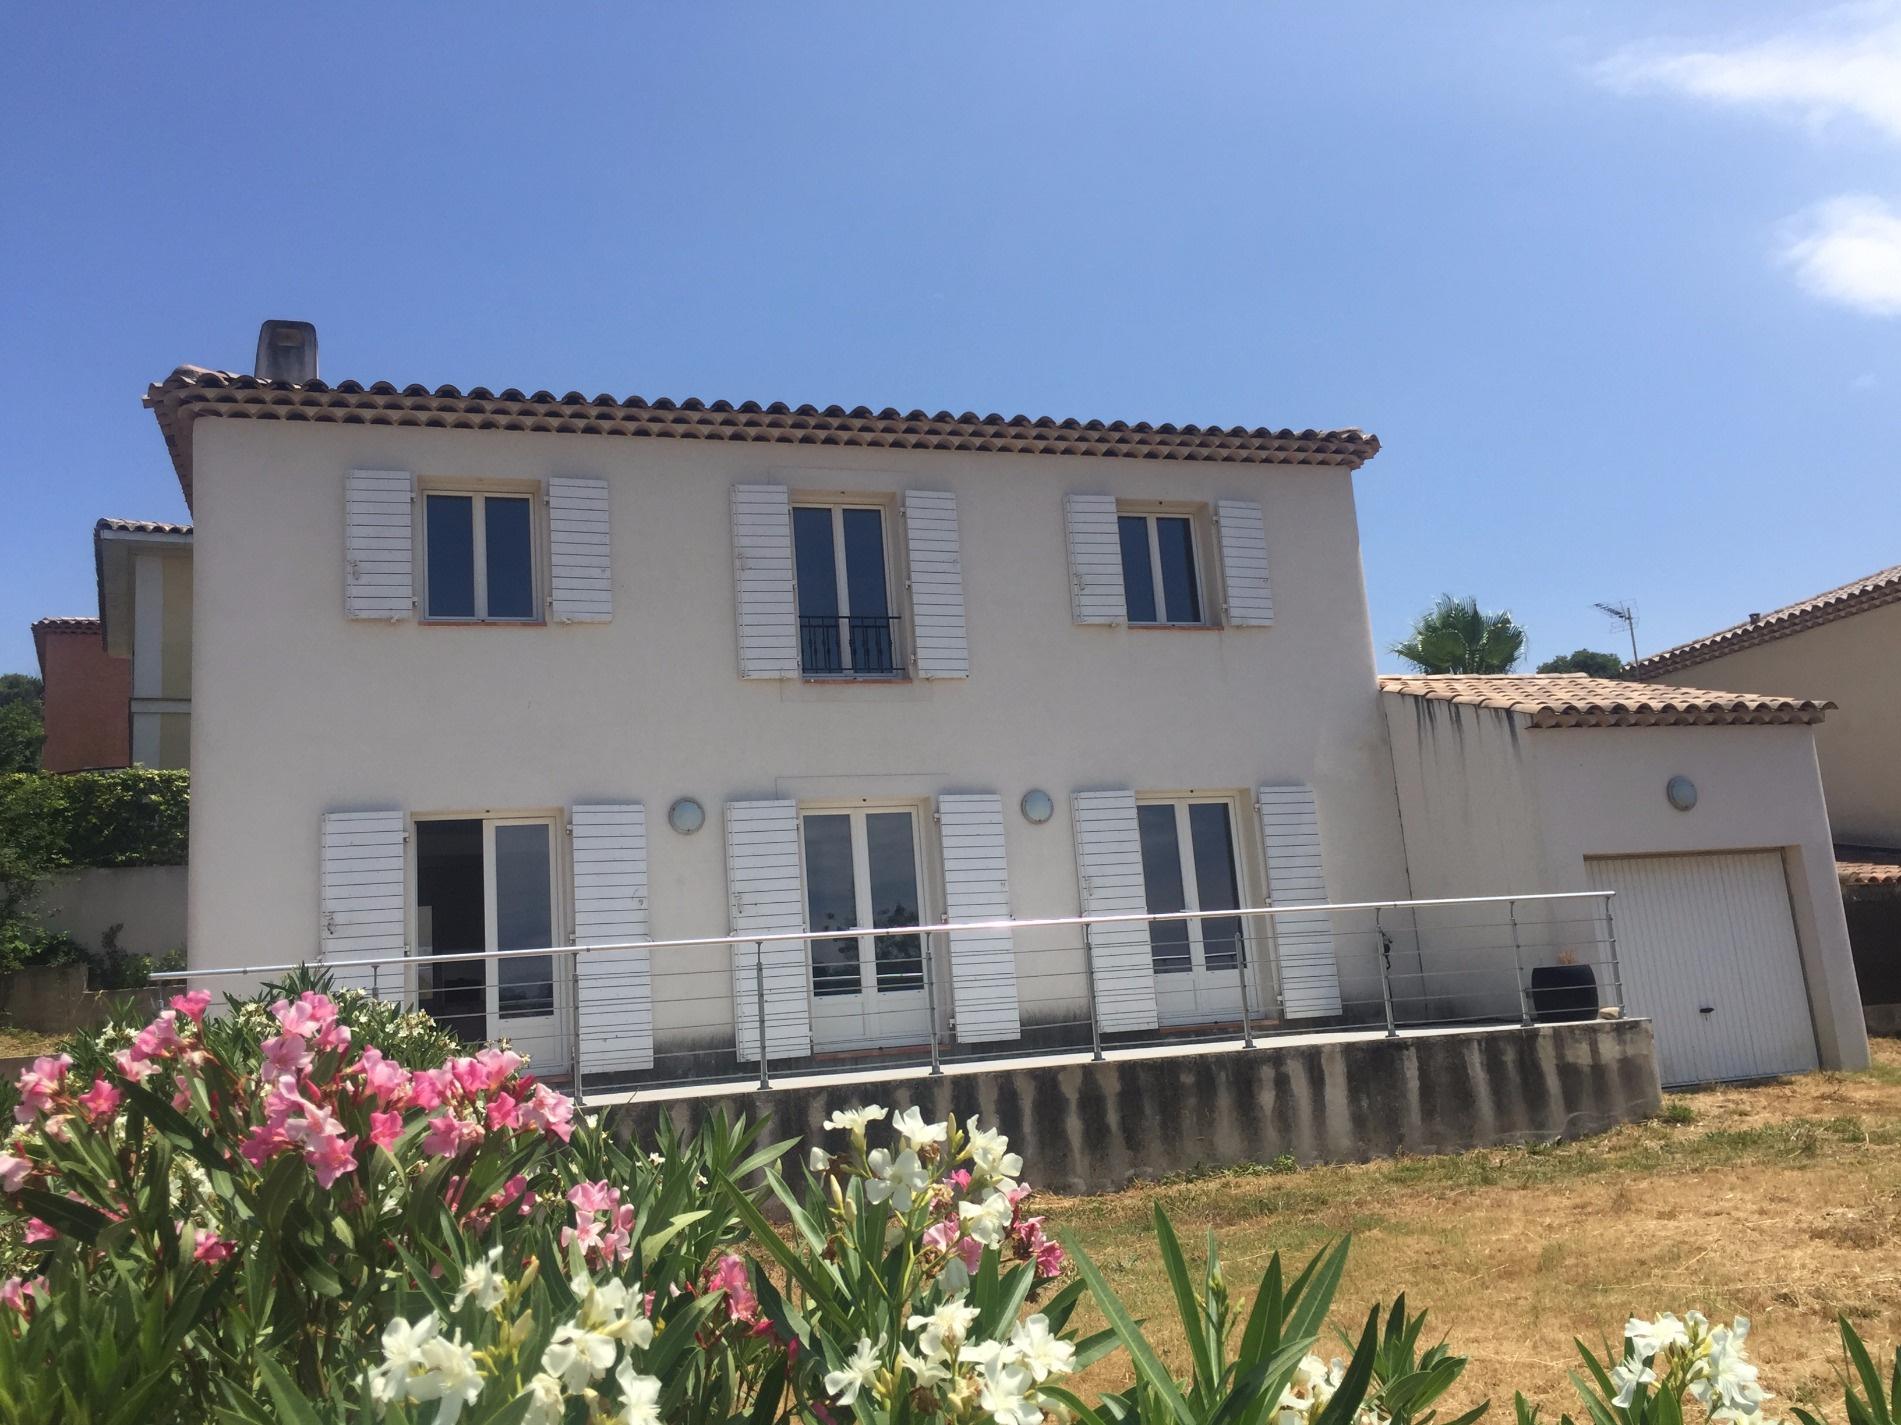 Annonce location maison marseille 11 110 m 1 790 for Annonces location maison